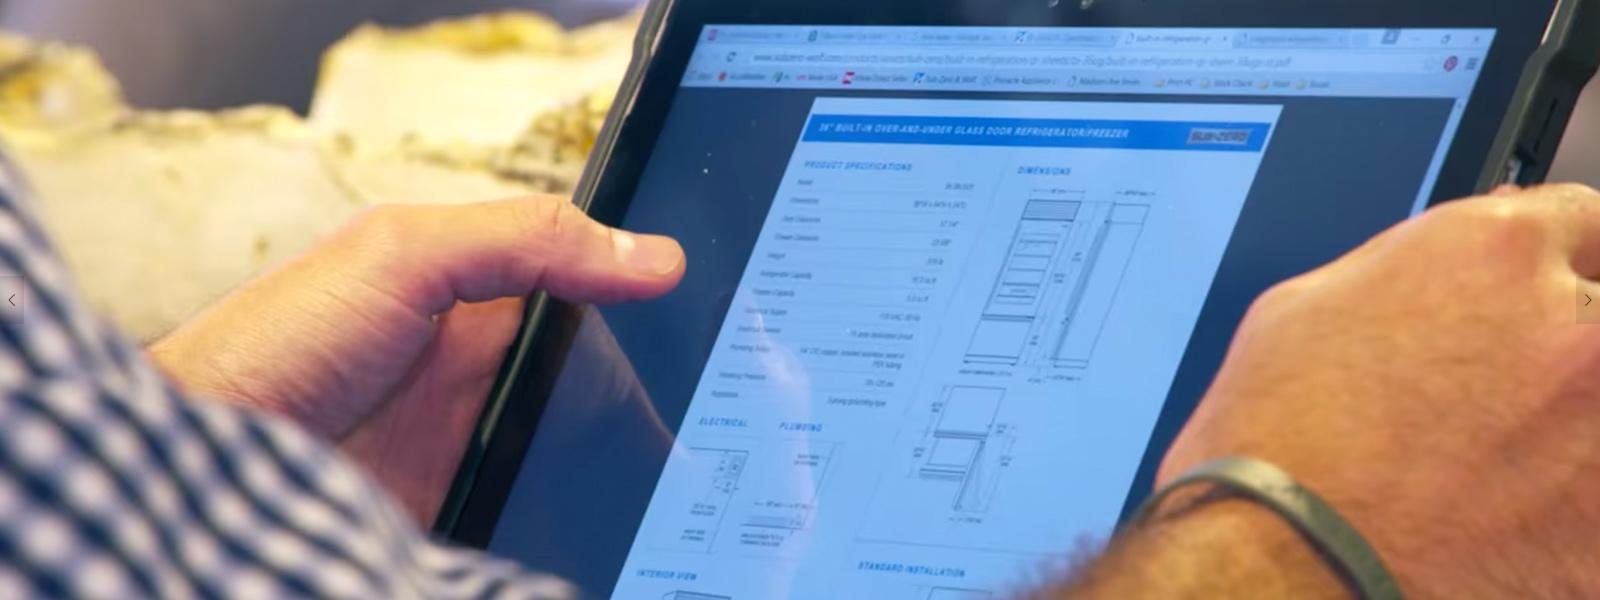 Homme consultant des données de stock sur sa tablette Surface